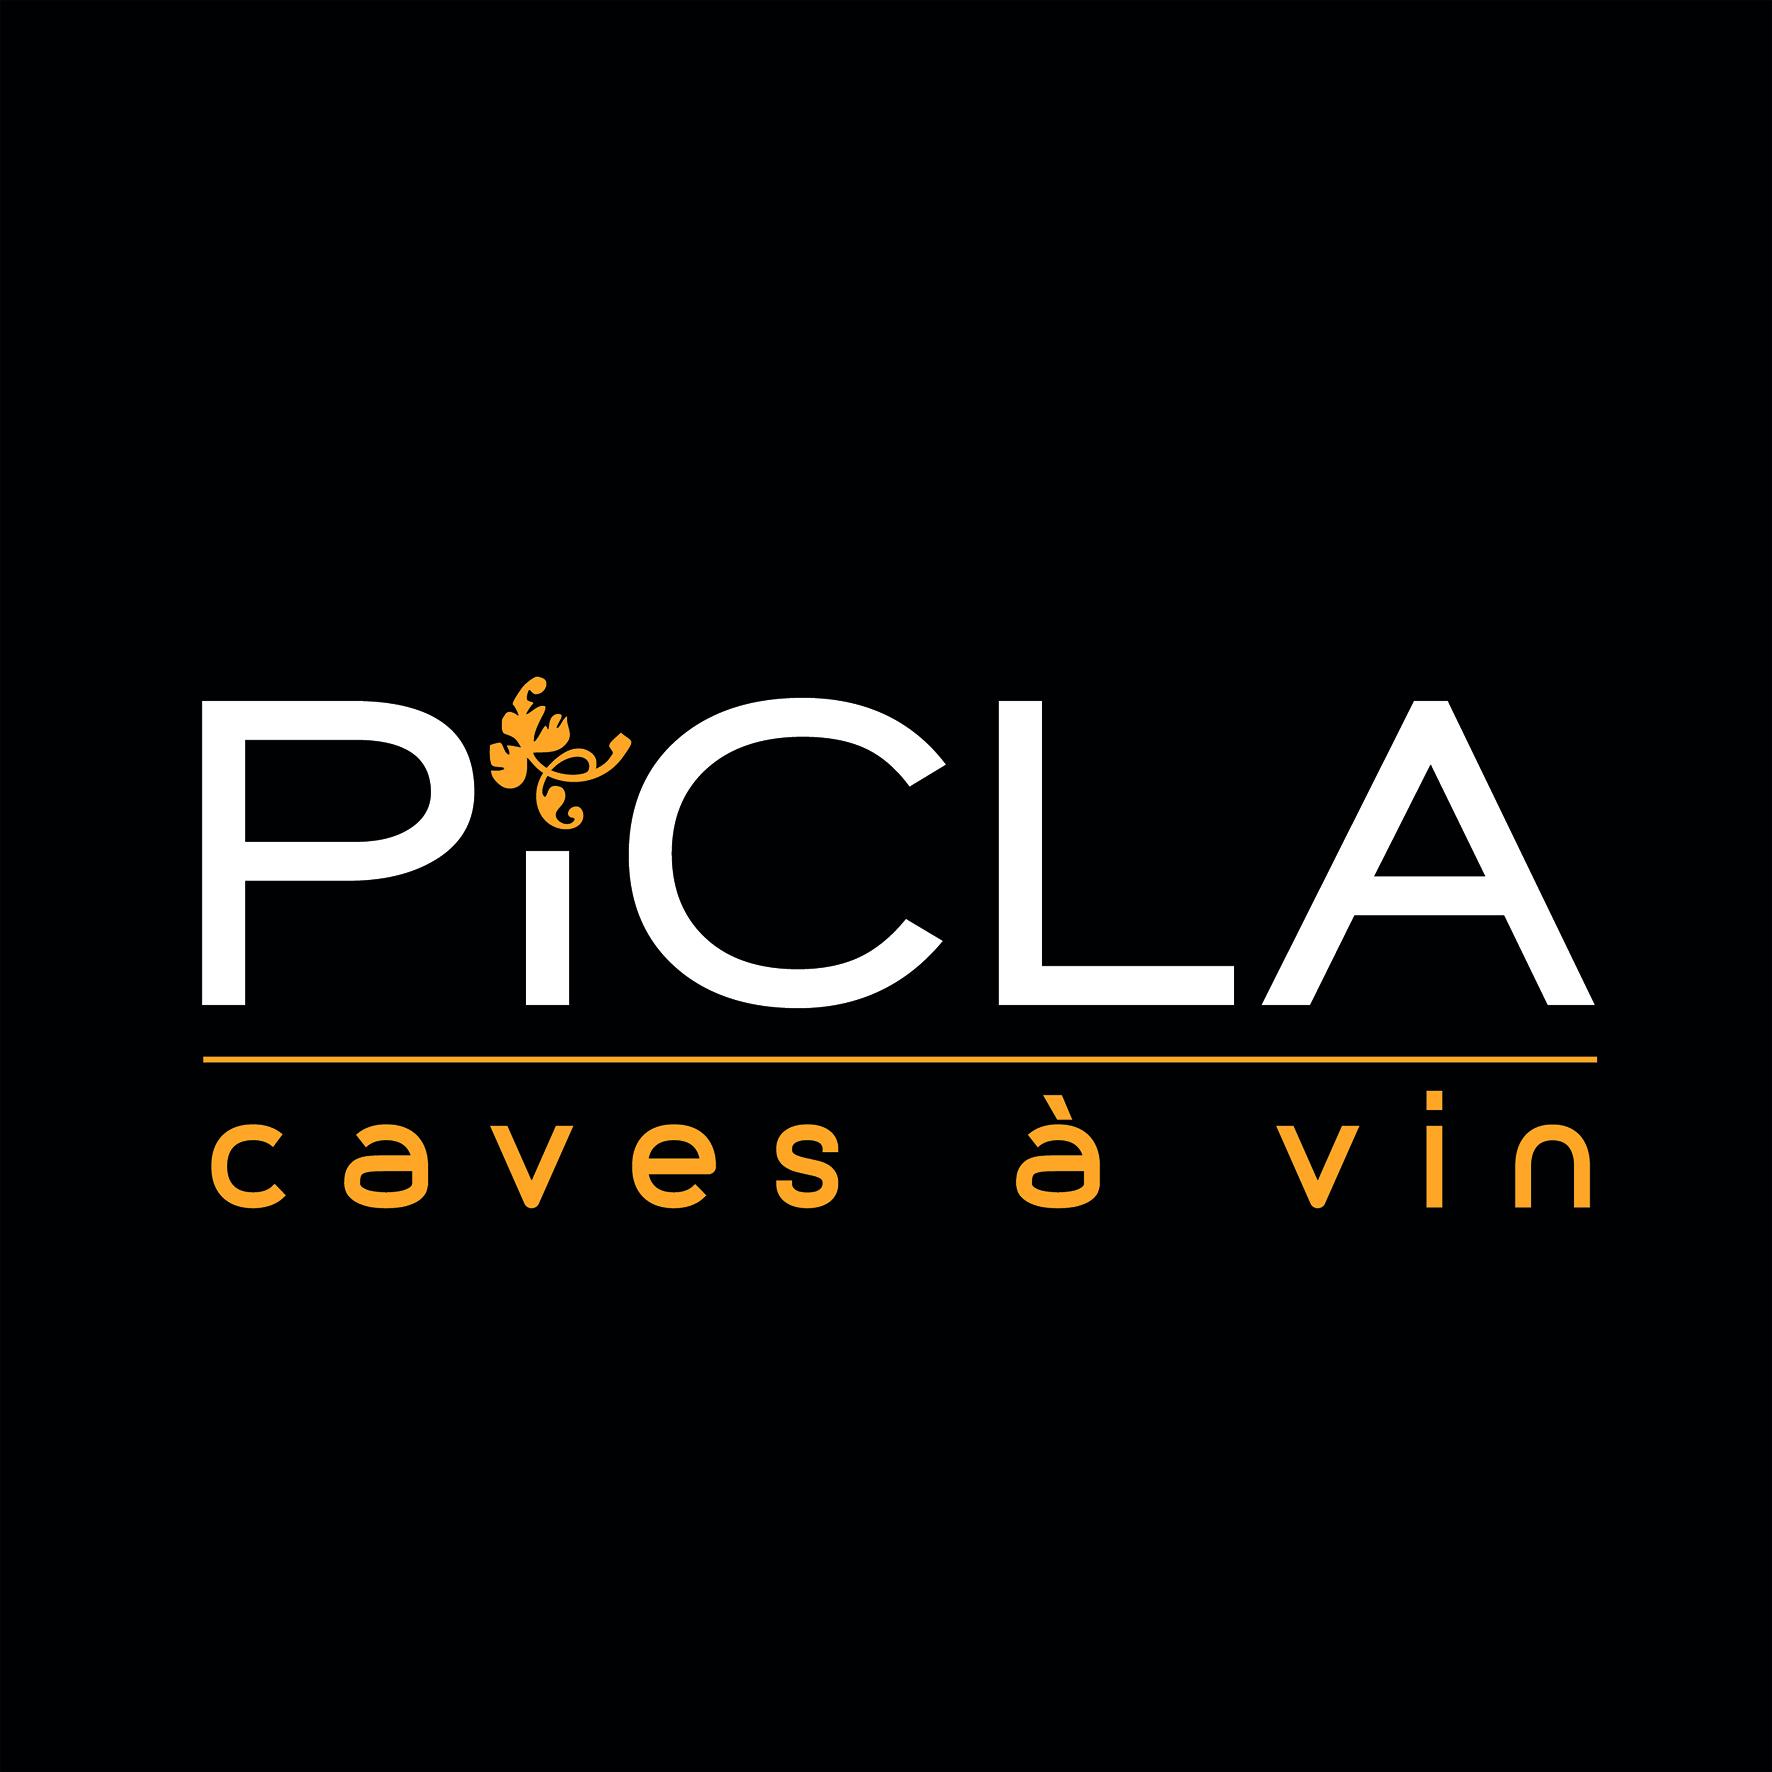 PIcla: Aménagement, rangement et climatisation de caves à vin